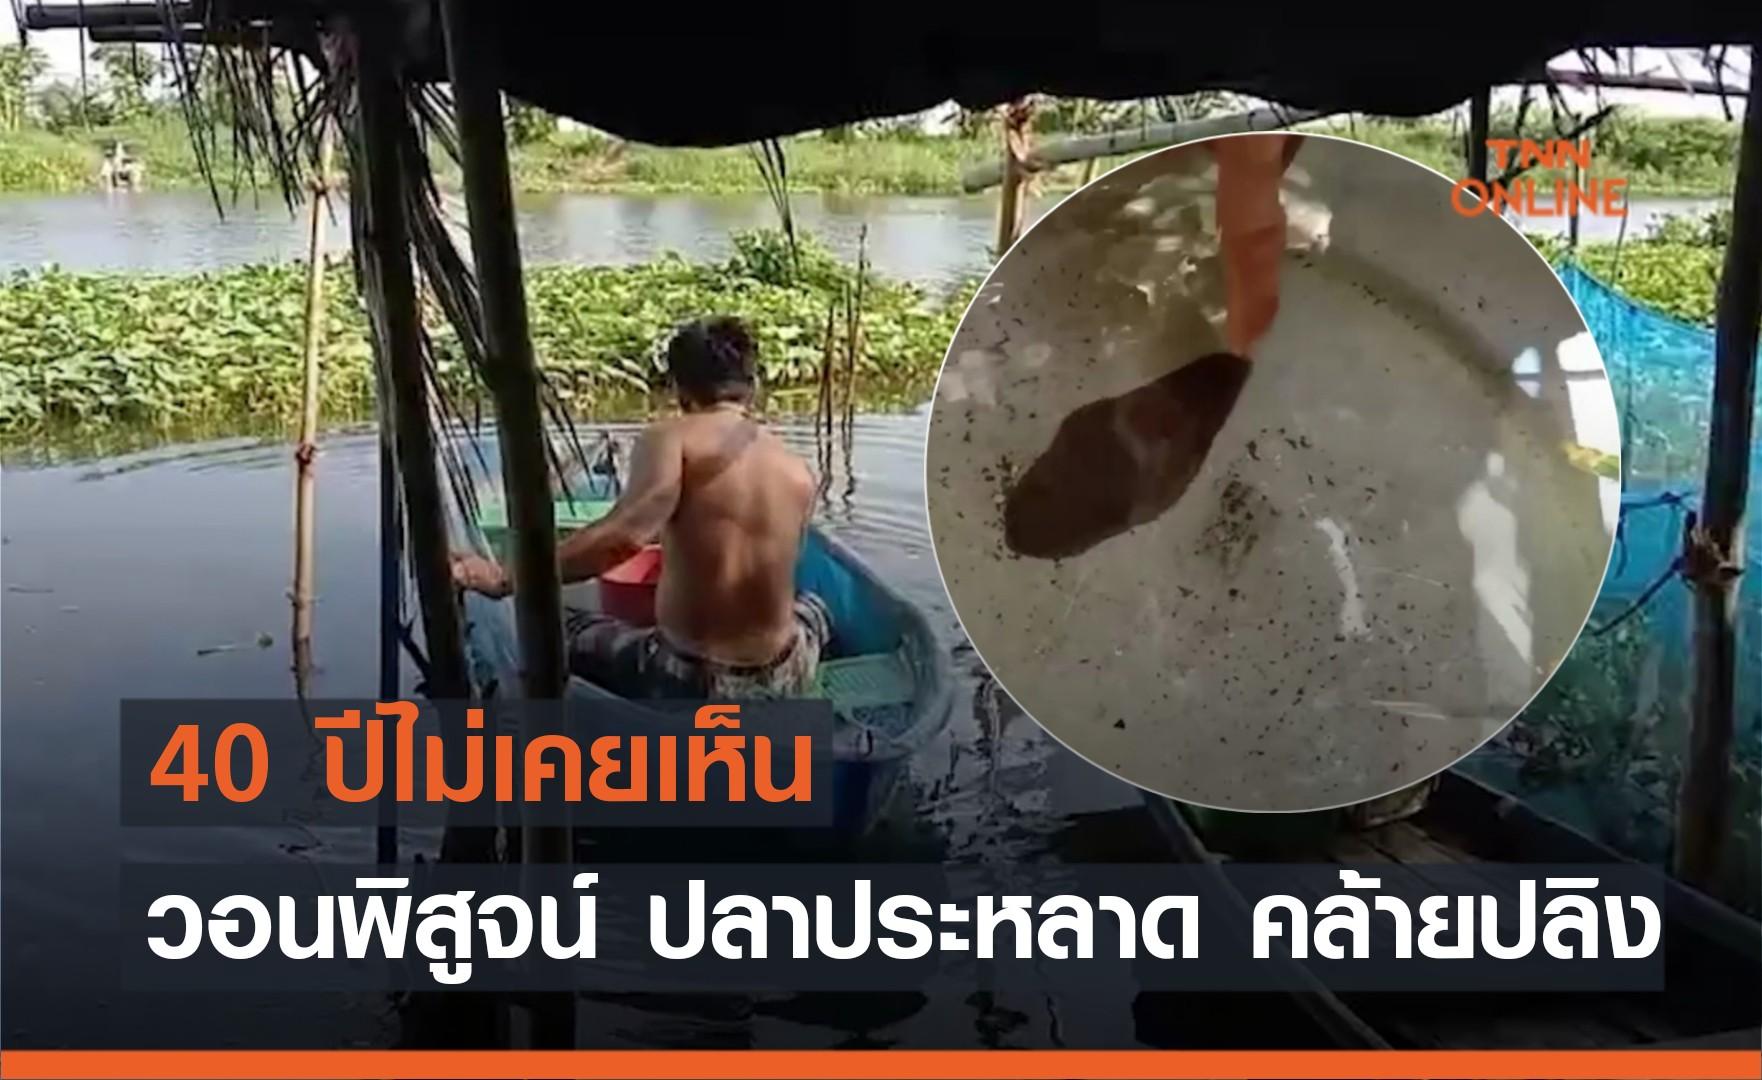 40 ปีไม่เคยพบ! ชาวบ้านวอนพิสูจน์ปลาประหลาดคล้ายปลิงแต่เป็นปลา